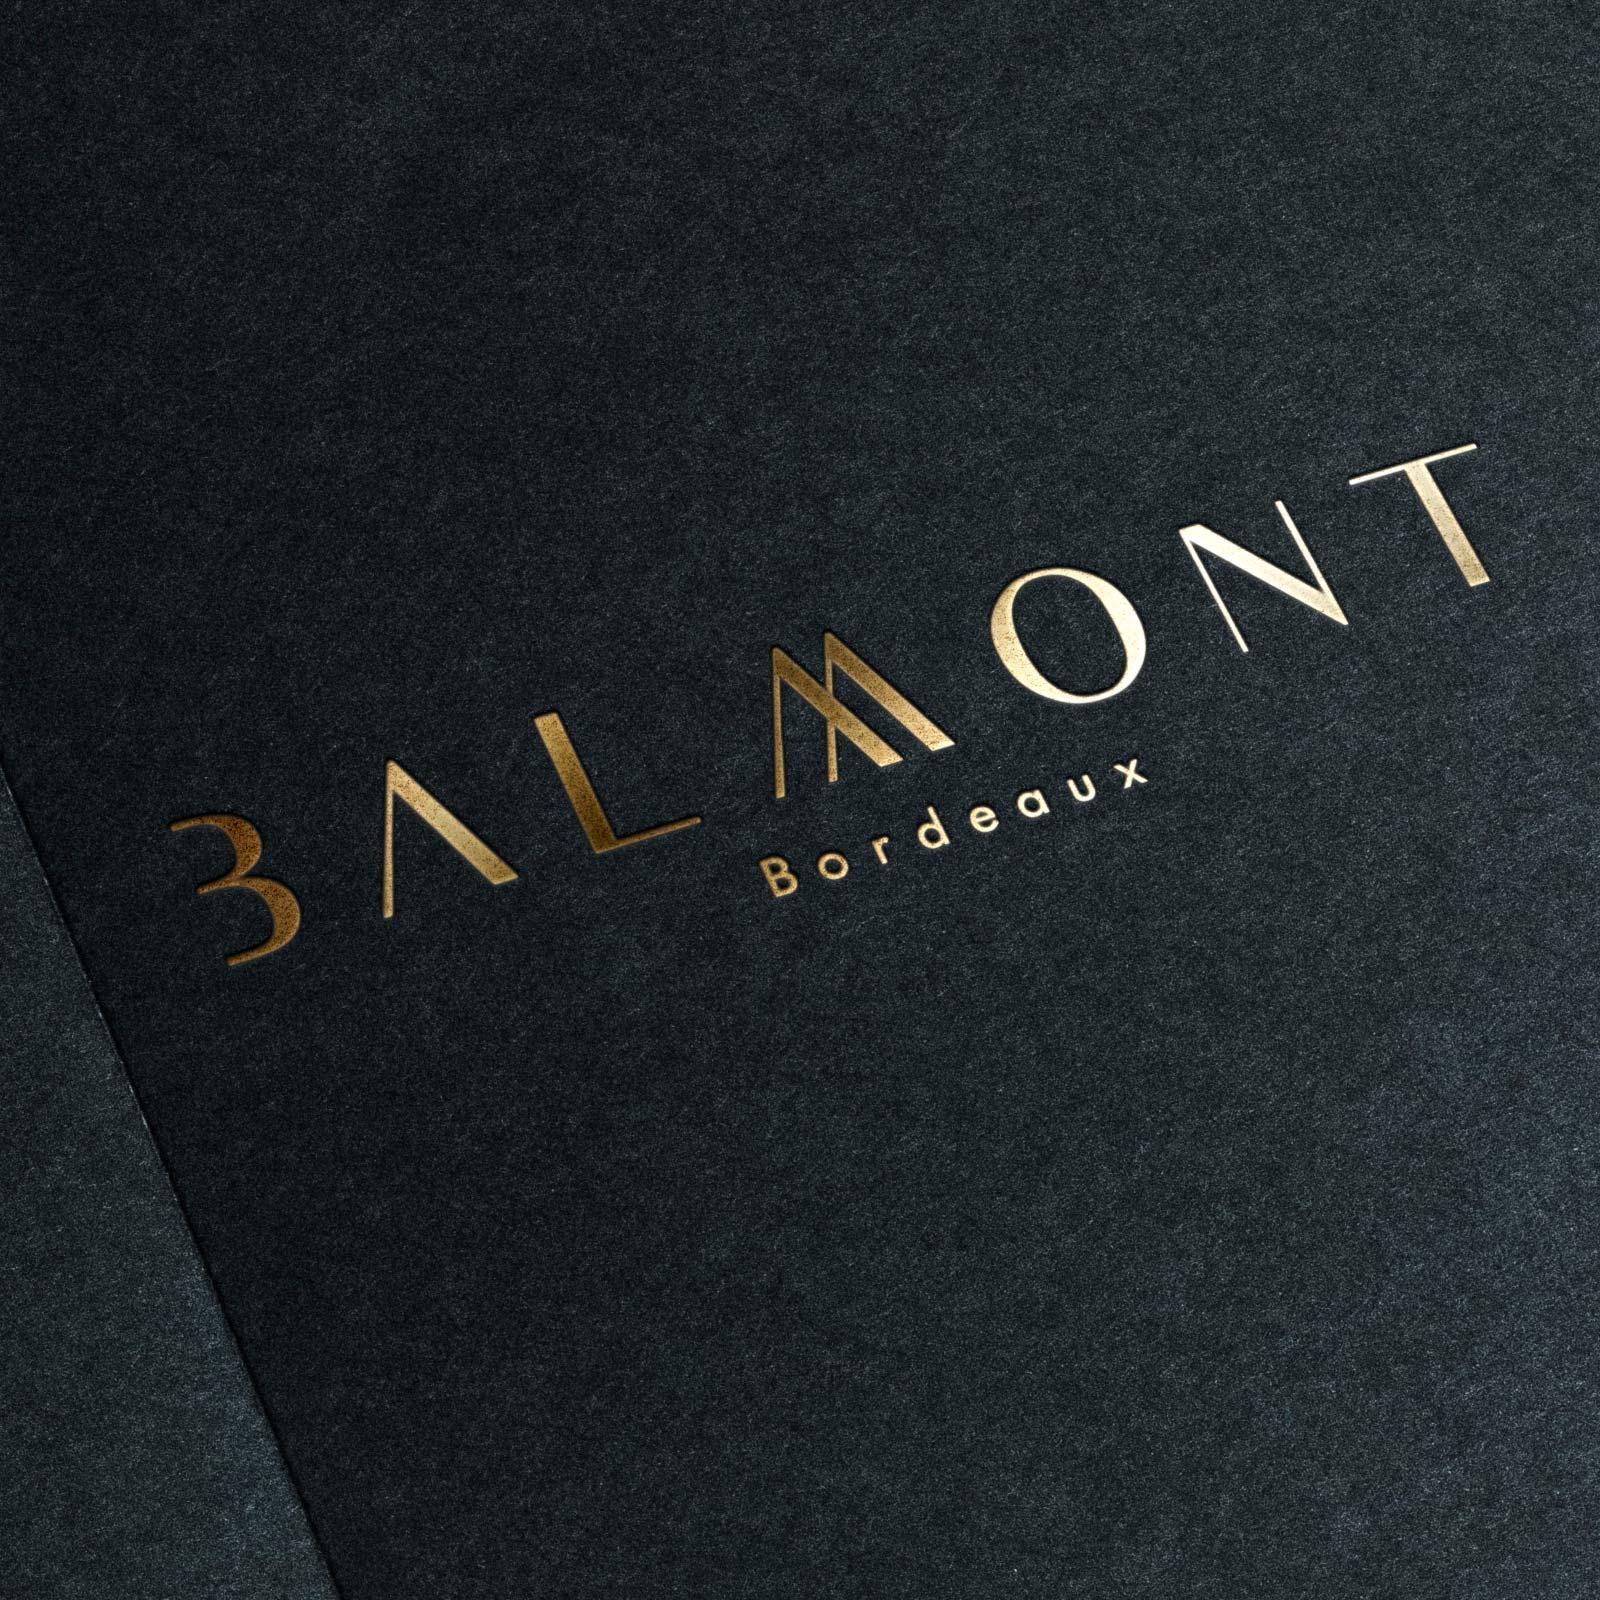 Balmont portfolio